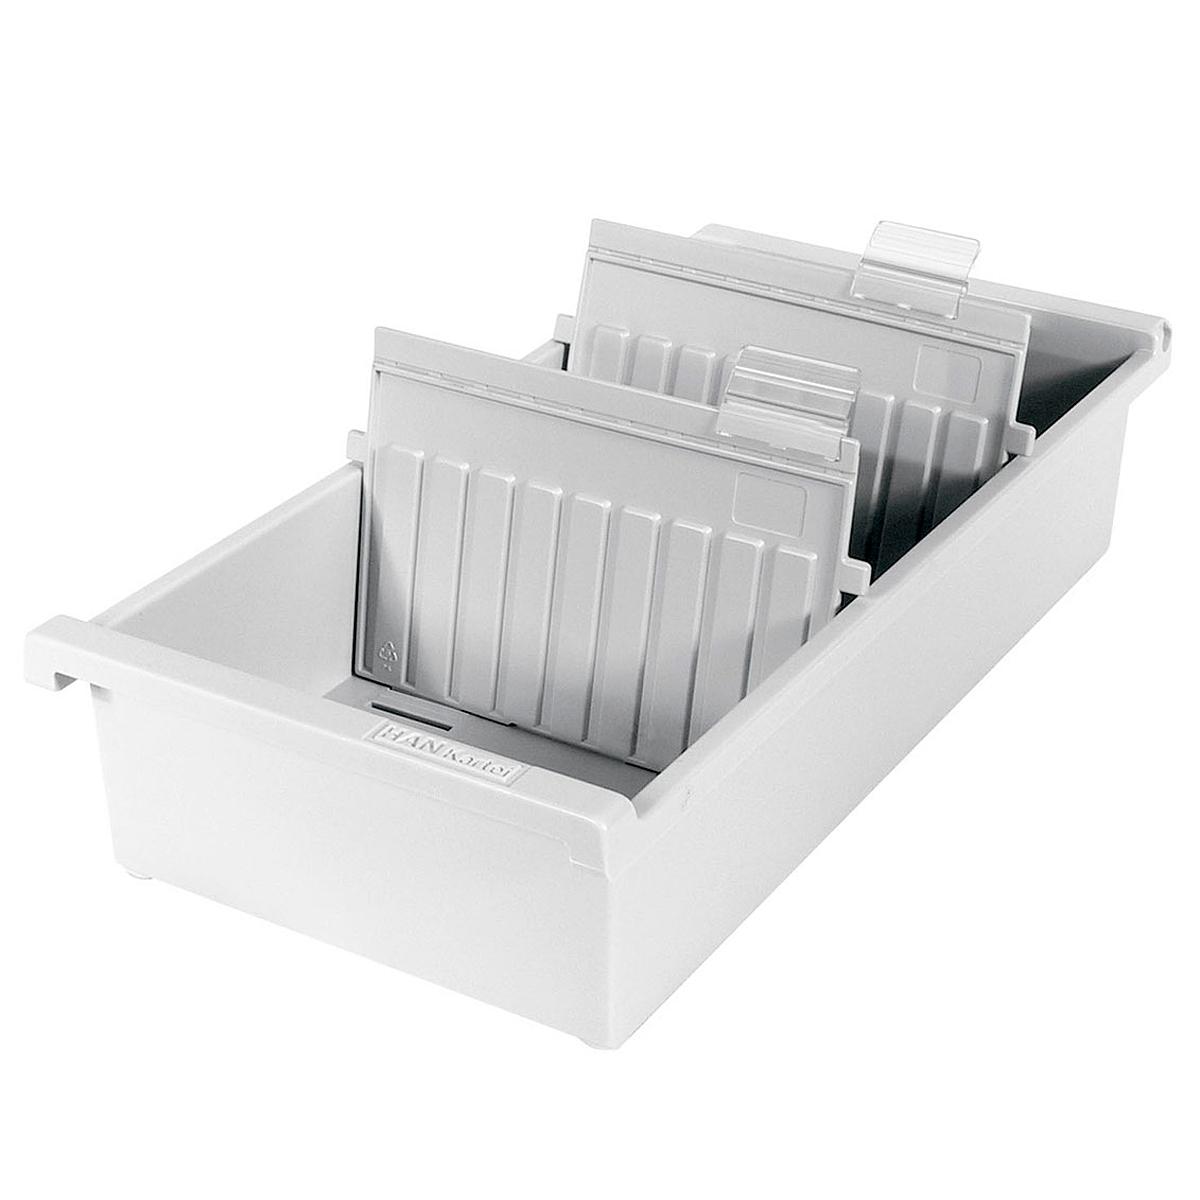 Лоток для бумаг горизонтальный HAN, цвет: светло-серый, формат А7. HA957-0/11FS-00610Горизонтальный лоток для бумаг HAN поможет вам навести порядок на столе и сэкономить пространство. Лоток подойдет для карточек формата А7 и меньше.Лоток состоит из 3 вместительных секций, и, благодаря оригинальному дизайну и классической форме, органично впишется в любой интерьер. В комплект входят 2 прозрачных ярлыка и 2 пластиковых съемных разделителя, всего лоток оснащен вырубками для 26 разделителей. Таким образом, можно изменять размер секций, что позволяет настроить лоток так, как будет удобно именно вам.Лоток изготовлен из антистатического ударопрочного пластика. Лоток имеет ножки, предотвращающие скольжение по столу и обеспечивающие необходимую устойчивость.Благодаря лотку для бумаг, важные бумаги и документы не потеряются и всегда будут под рукой.